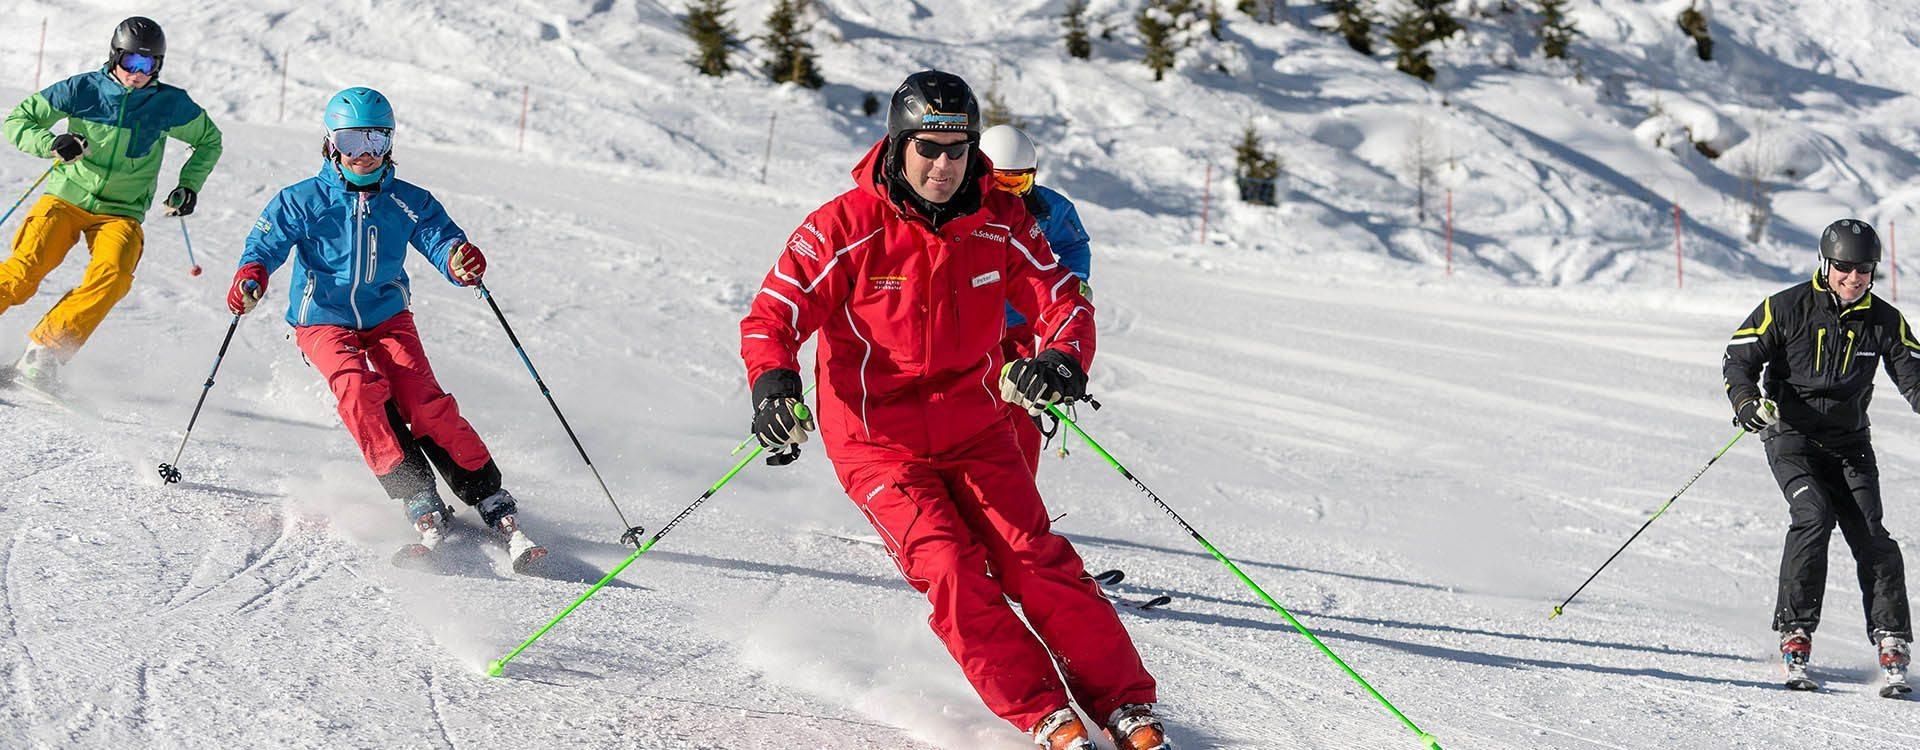 Skikurse für Erwachsene, Anfänger & Fortgeschrittene – Schischule Top Alpin in Altenmarkt-Zauchensee, Ski amadé